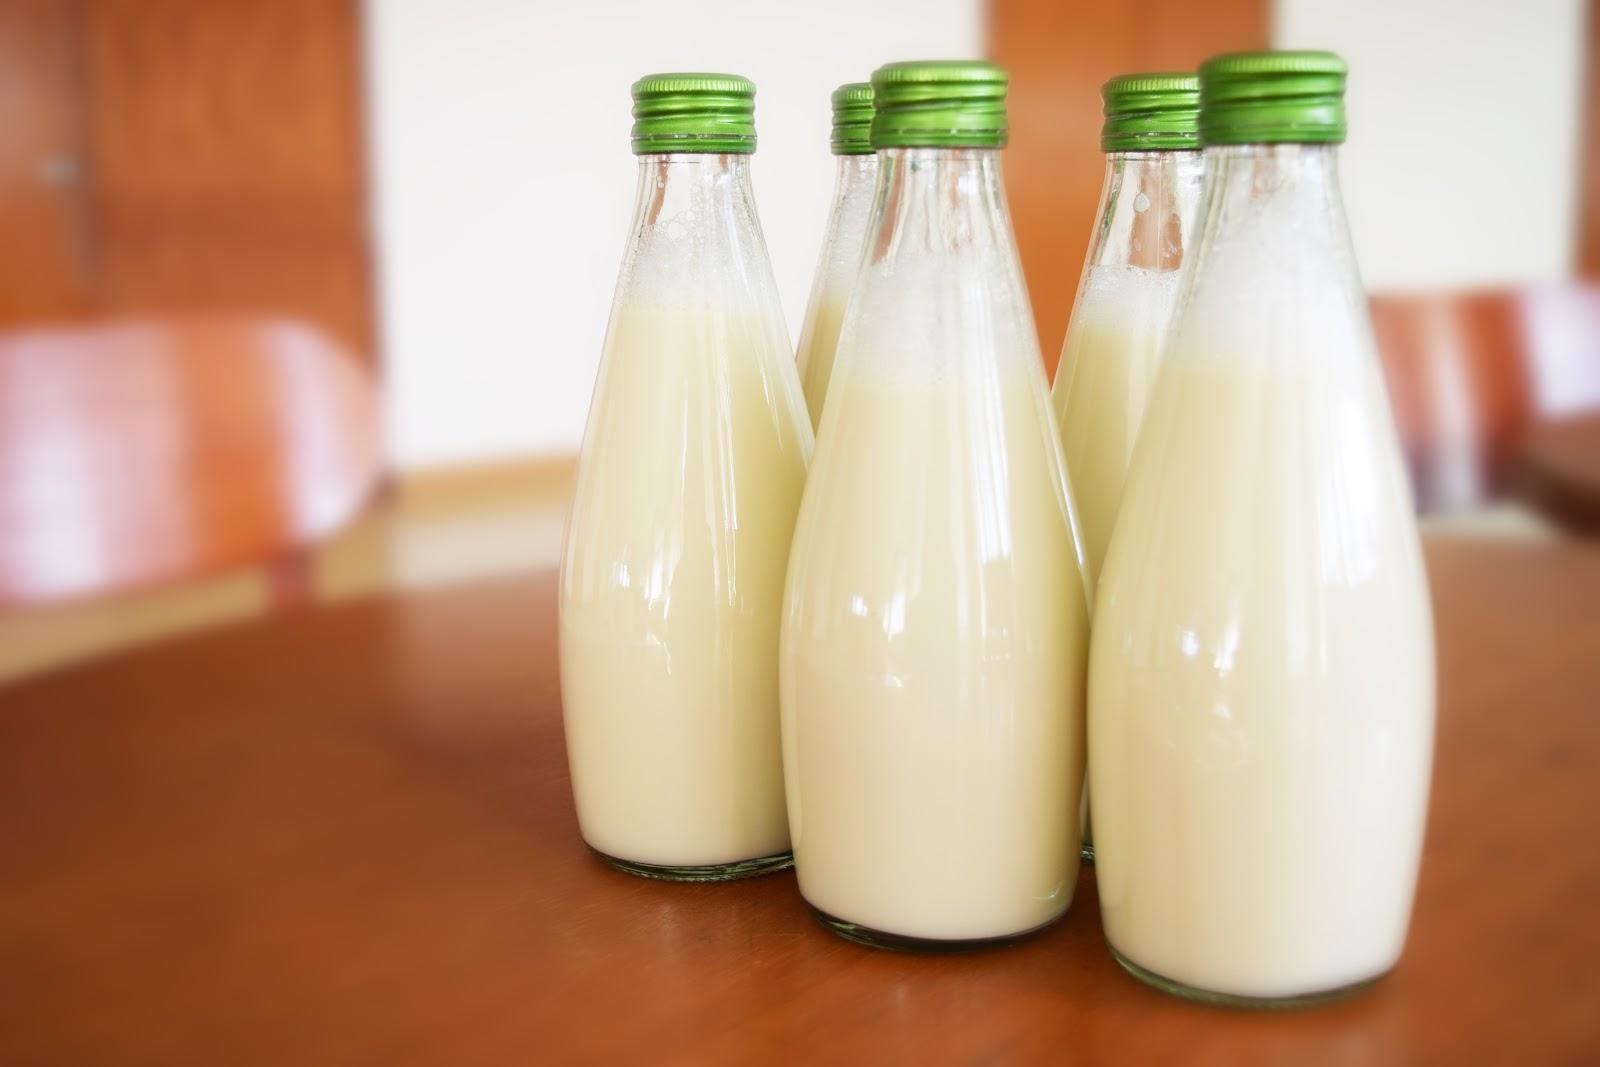 テーブルに置かれた五本の牛乳